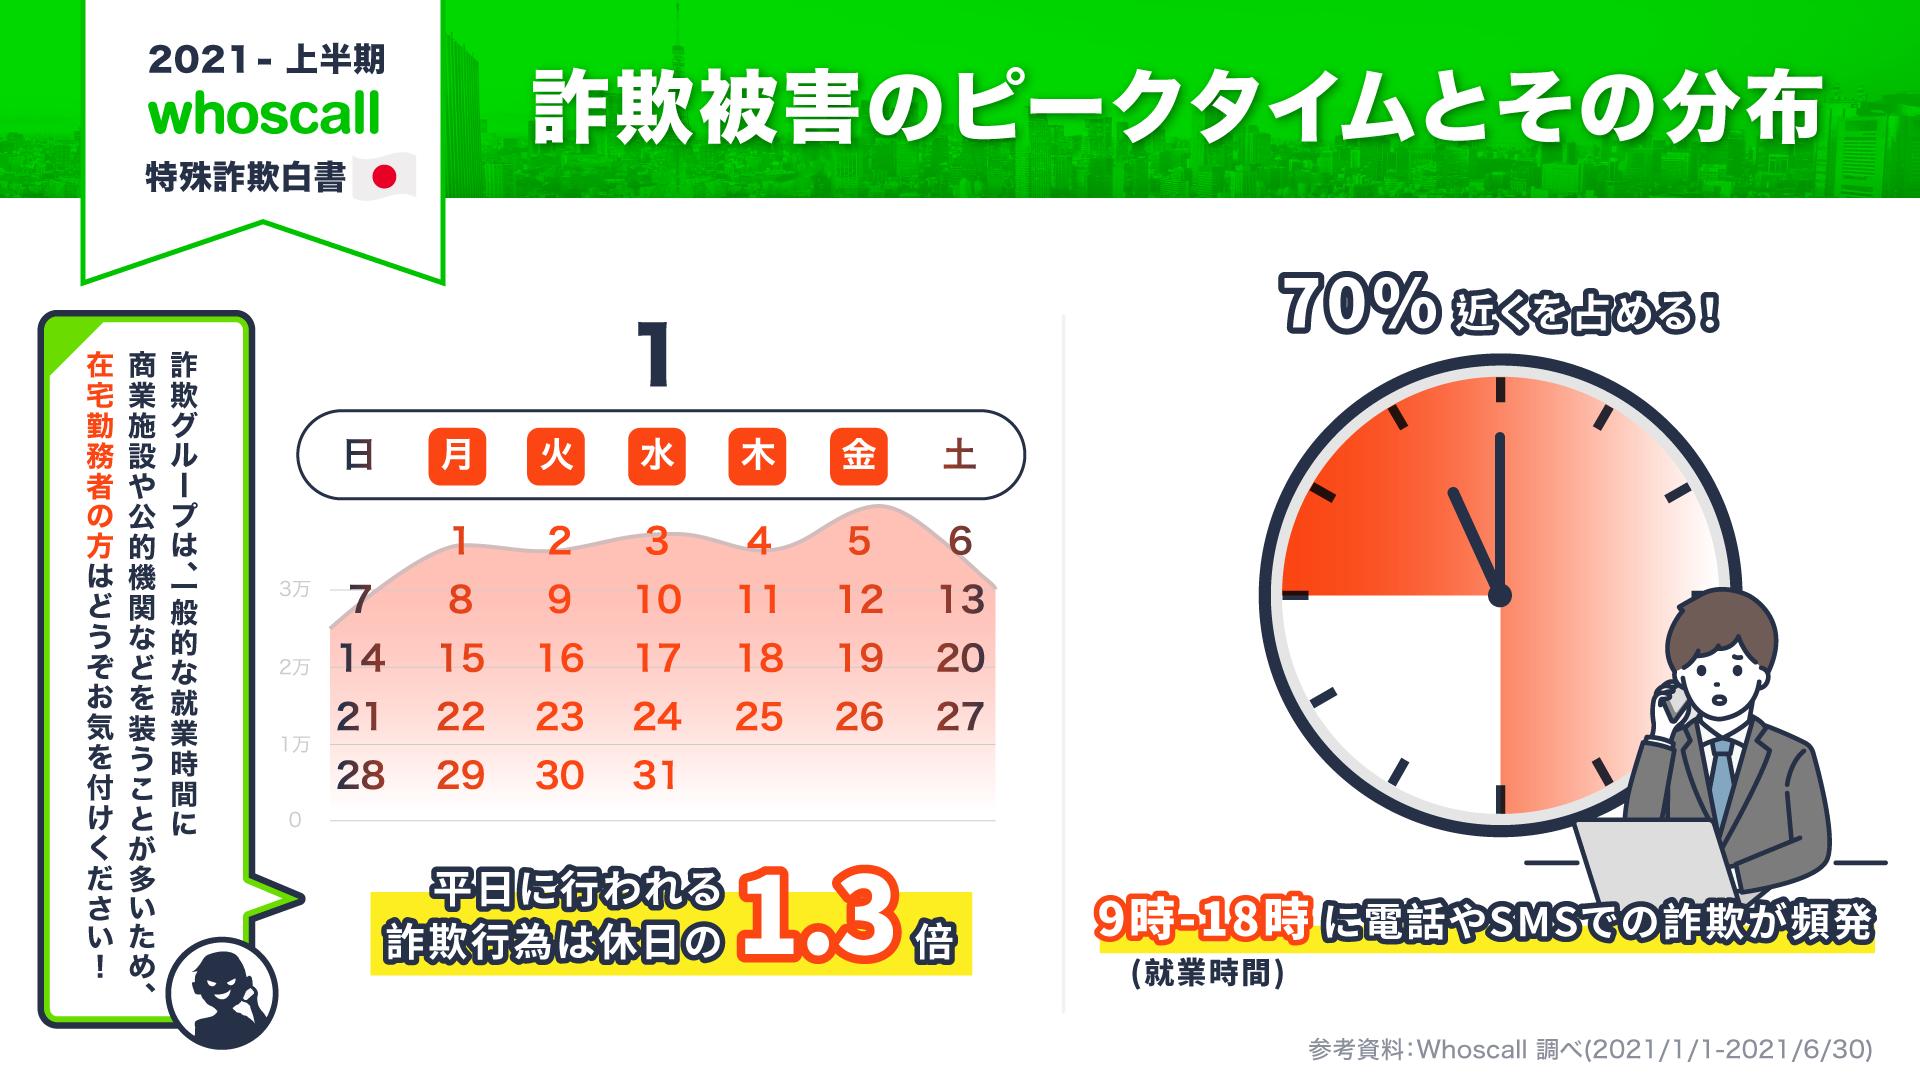 日本における詐欺被害のピークタイムとその分布